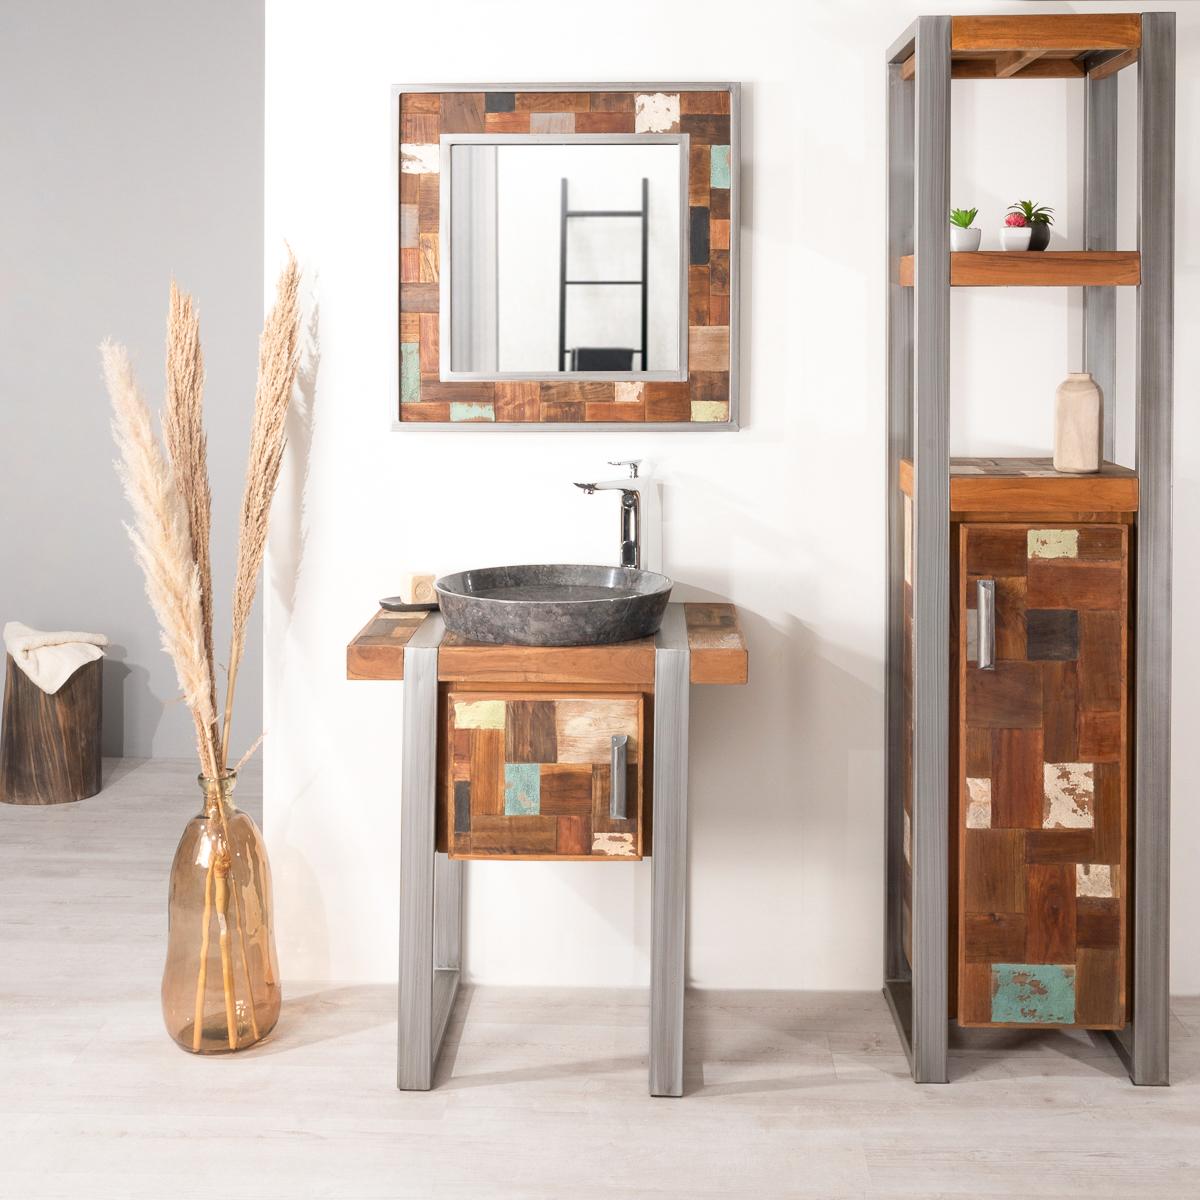 Mueble para cuarto de ba o factory teca metal 70 cm for Muebles de lavabo de 70 cm